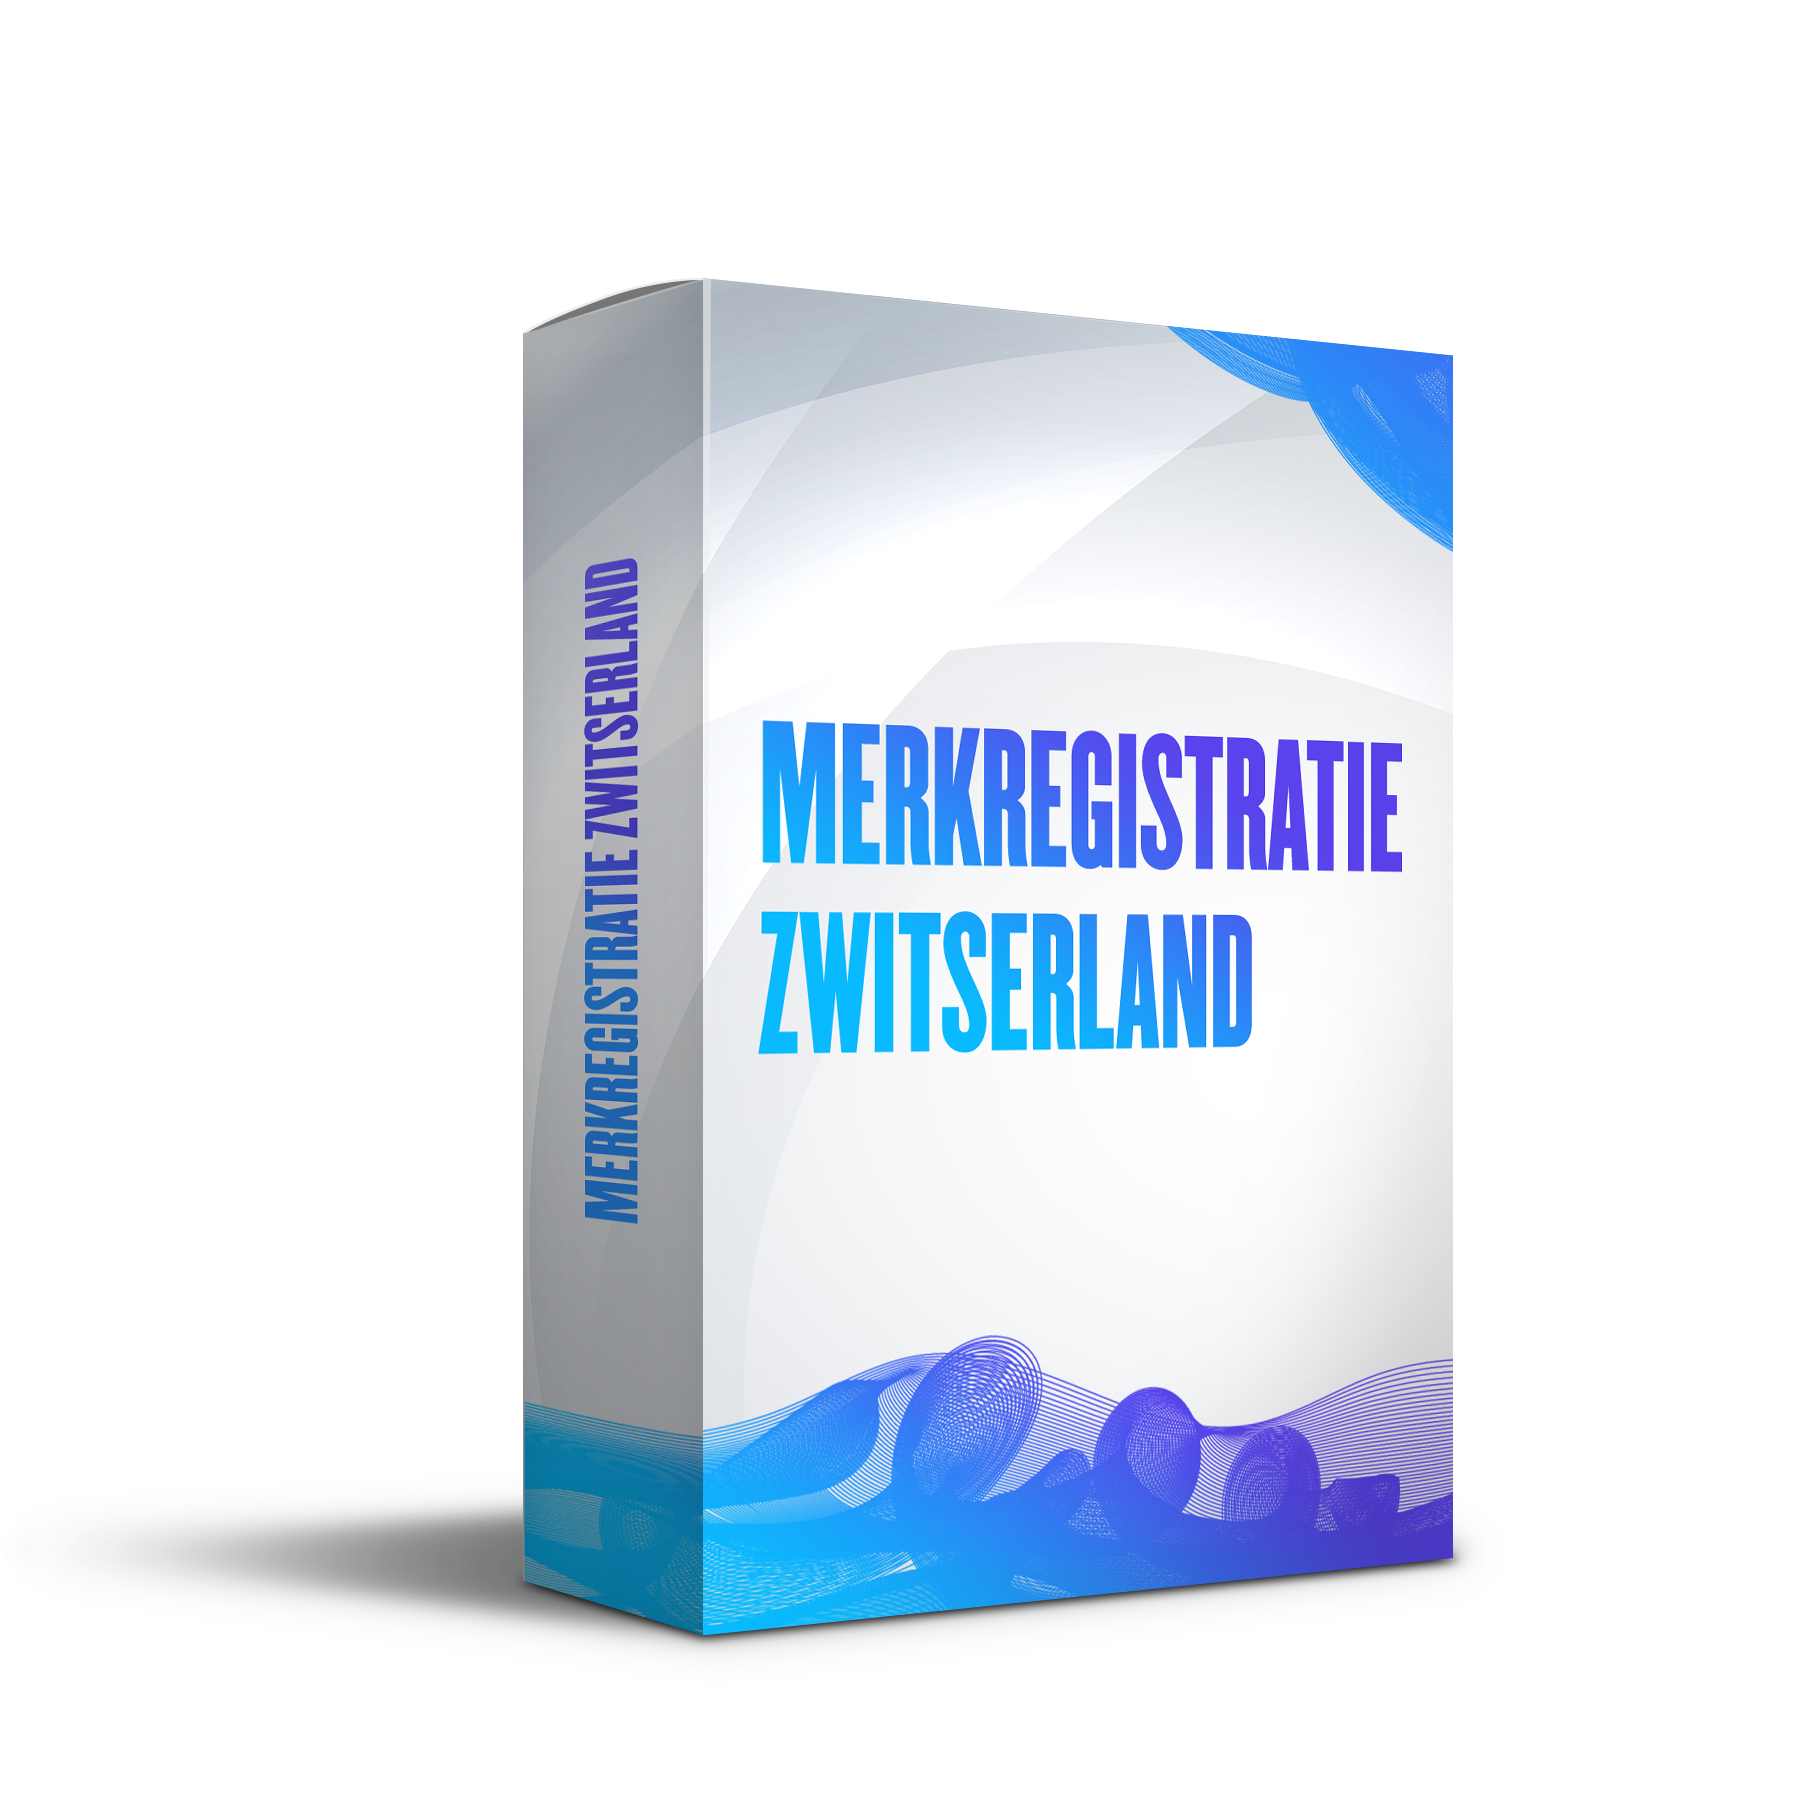 Merkregistratie Zwitserland